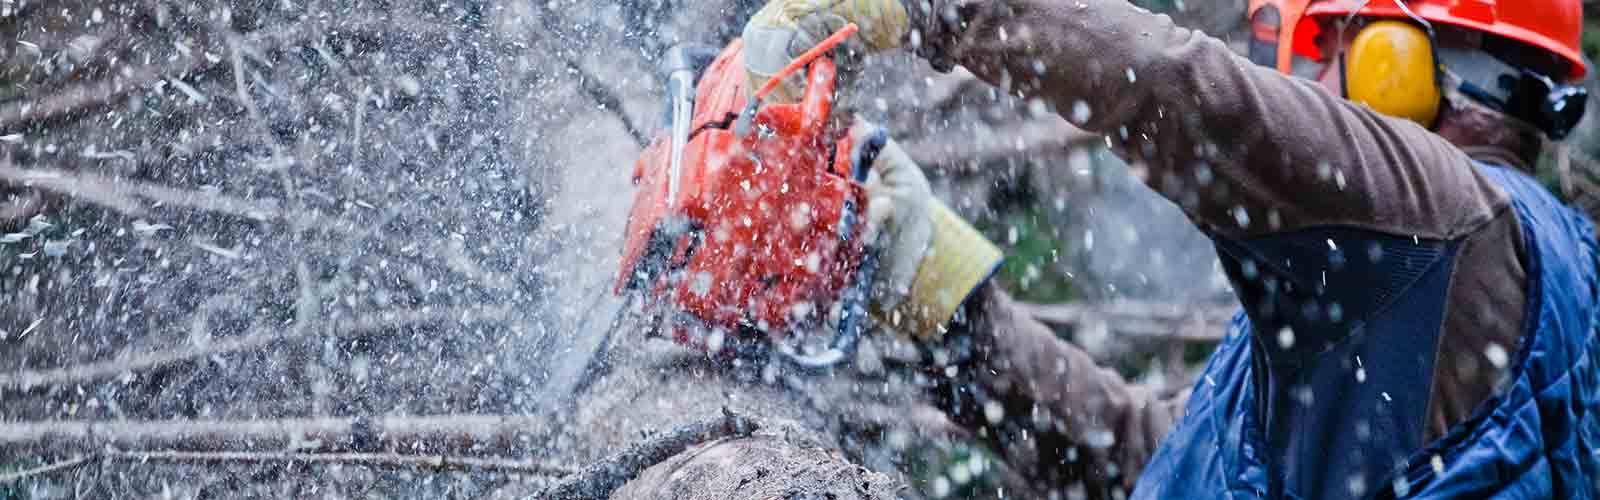 Baumpflege Rohrbeck - Baumkronen einkürzen